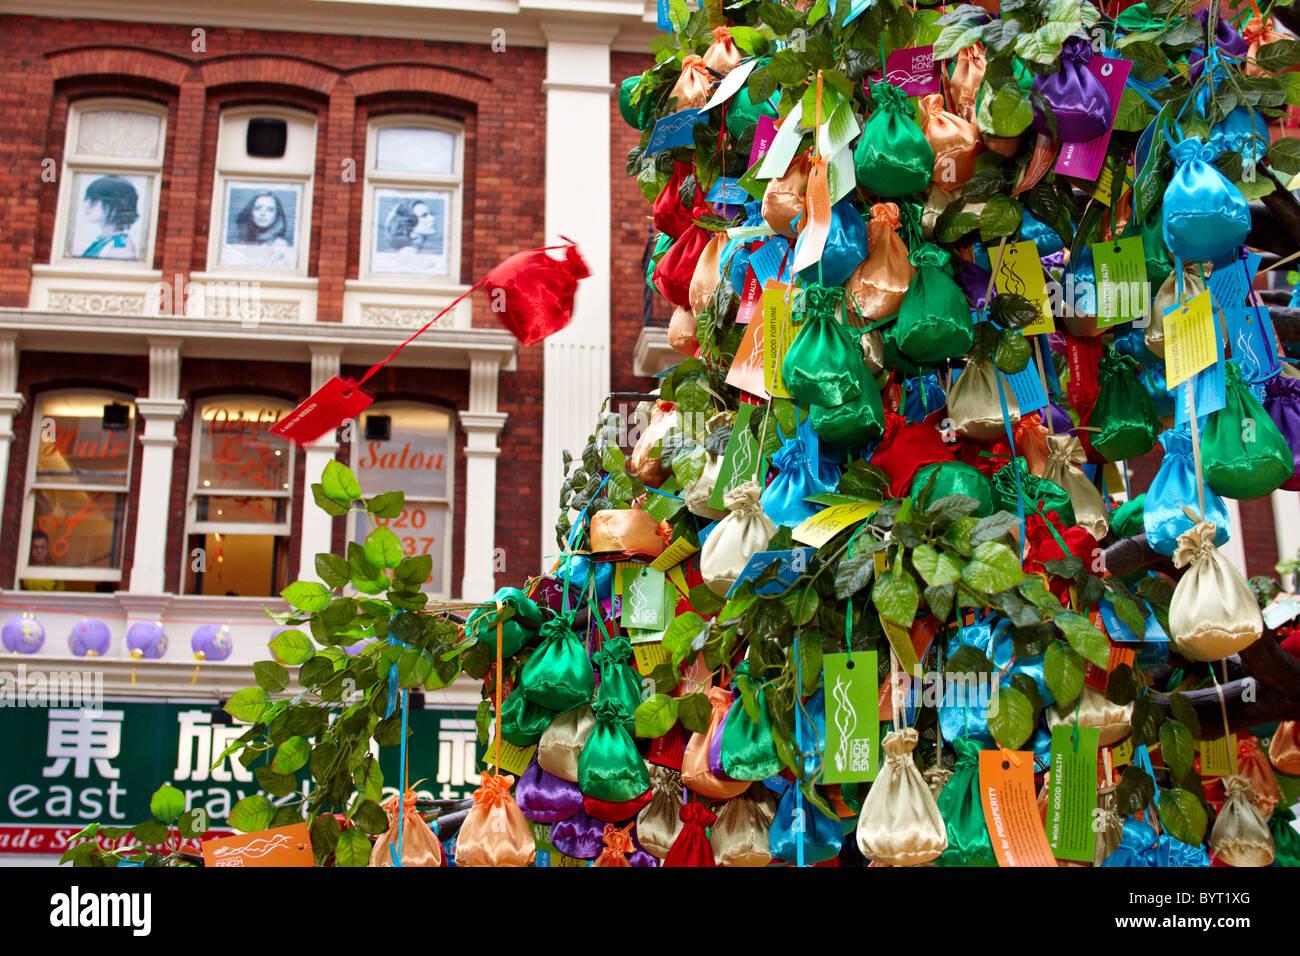 Ein Wunsch Baum während Chinese New Year Feiern in London Stockfoto ...